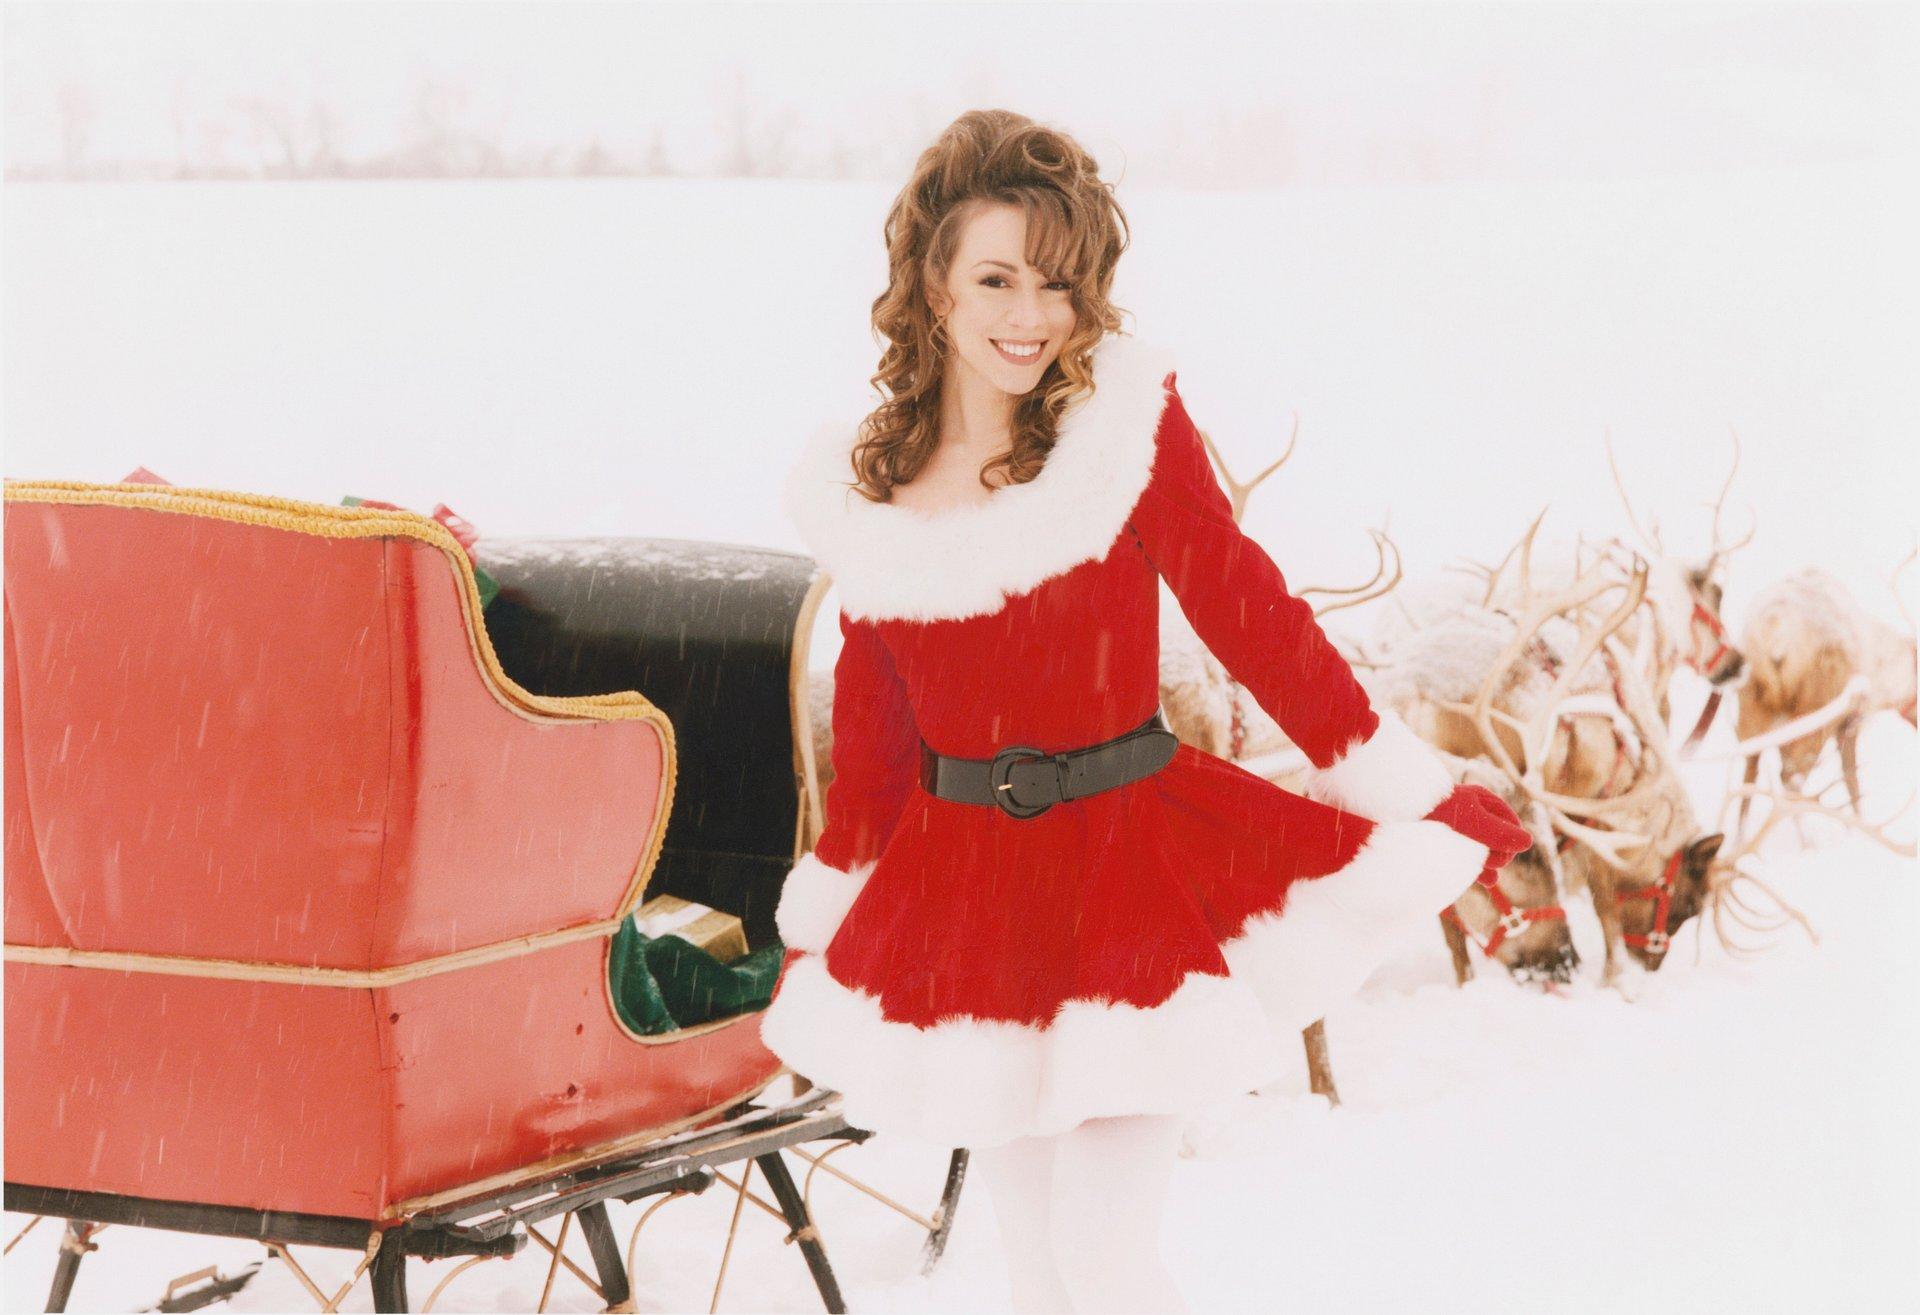 Spotify und Mariah Carey starten mit exklusivem Enhanced Album und persönlichem Video in die Weihnachtszeit